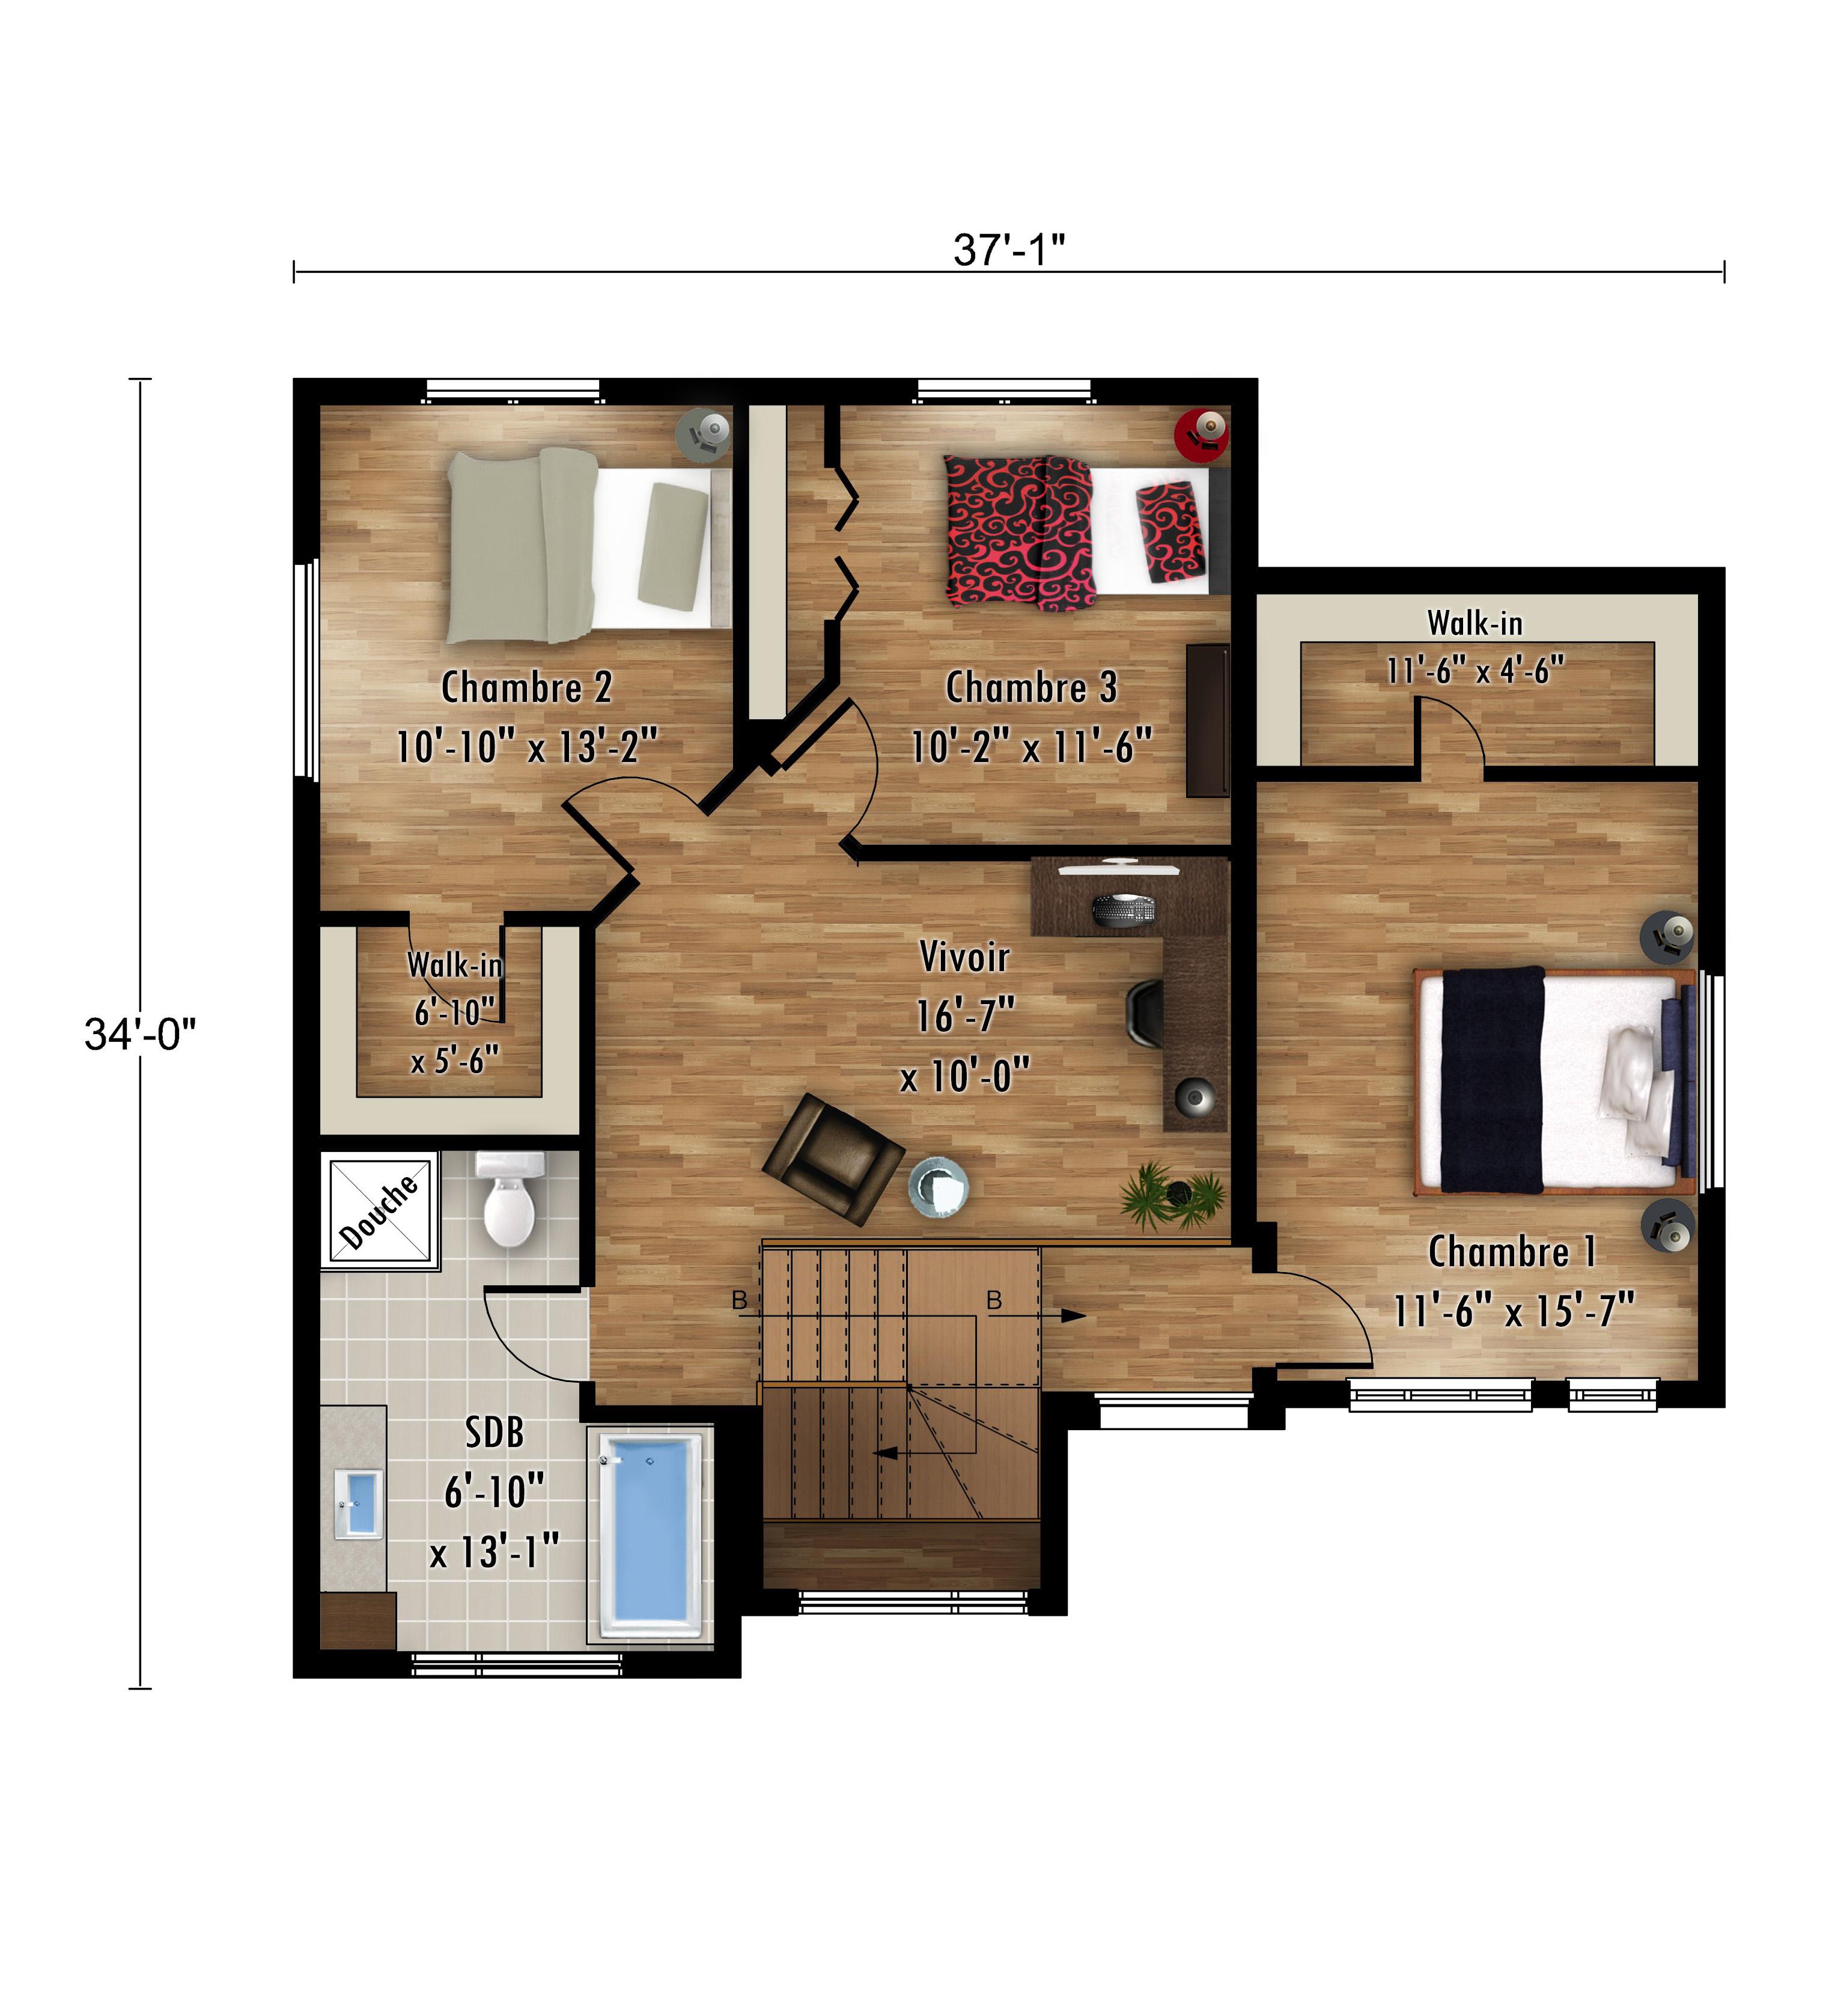 Le Colibri - Nos Plans - Maisons de ville neuves à vendre a Lanaudiere